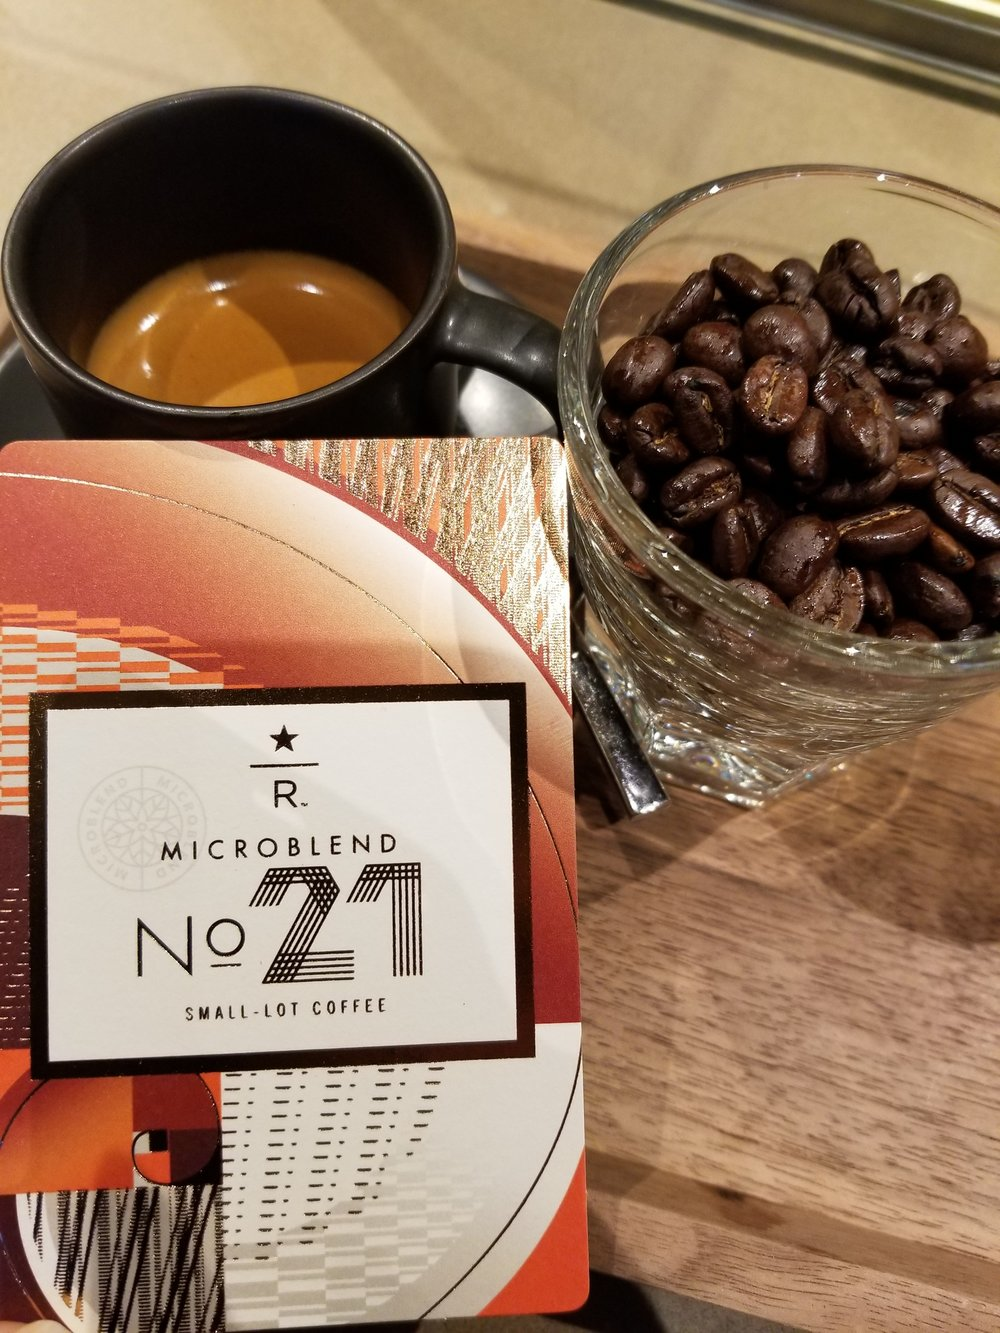 Micro Blend No 21 Espresso shot - 08 Sept 2017.jpg